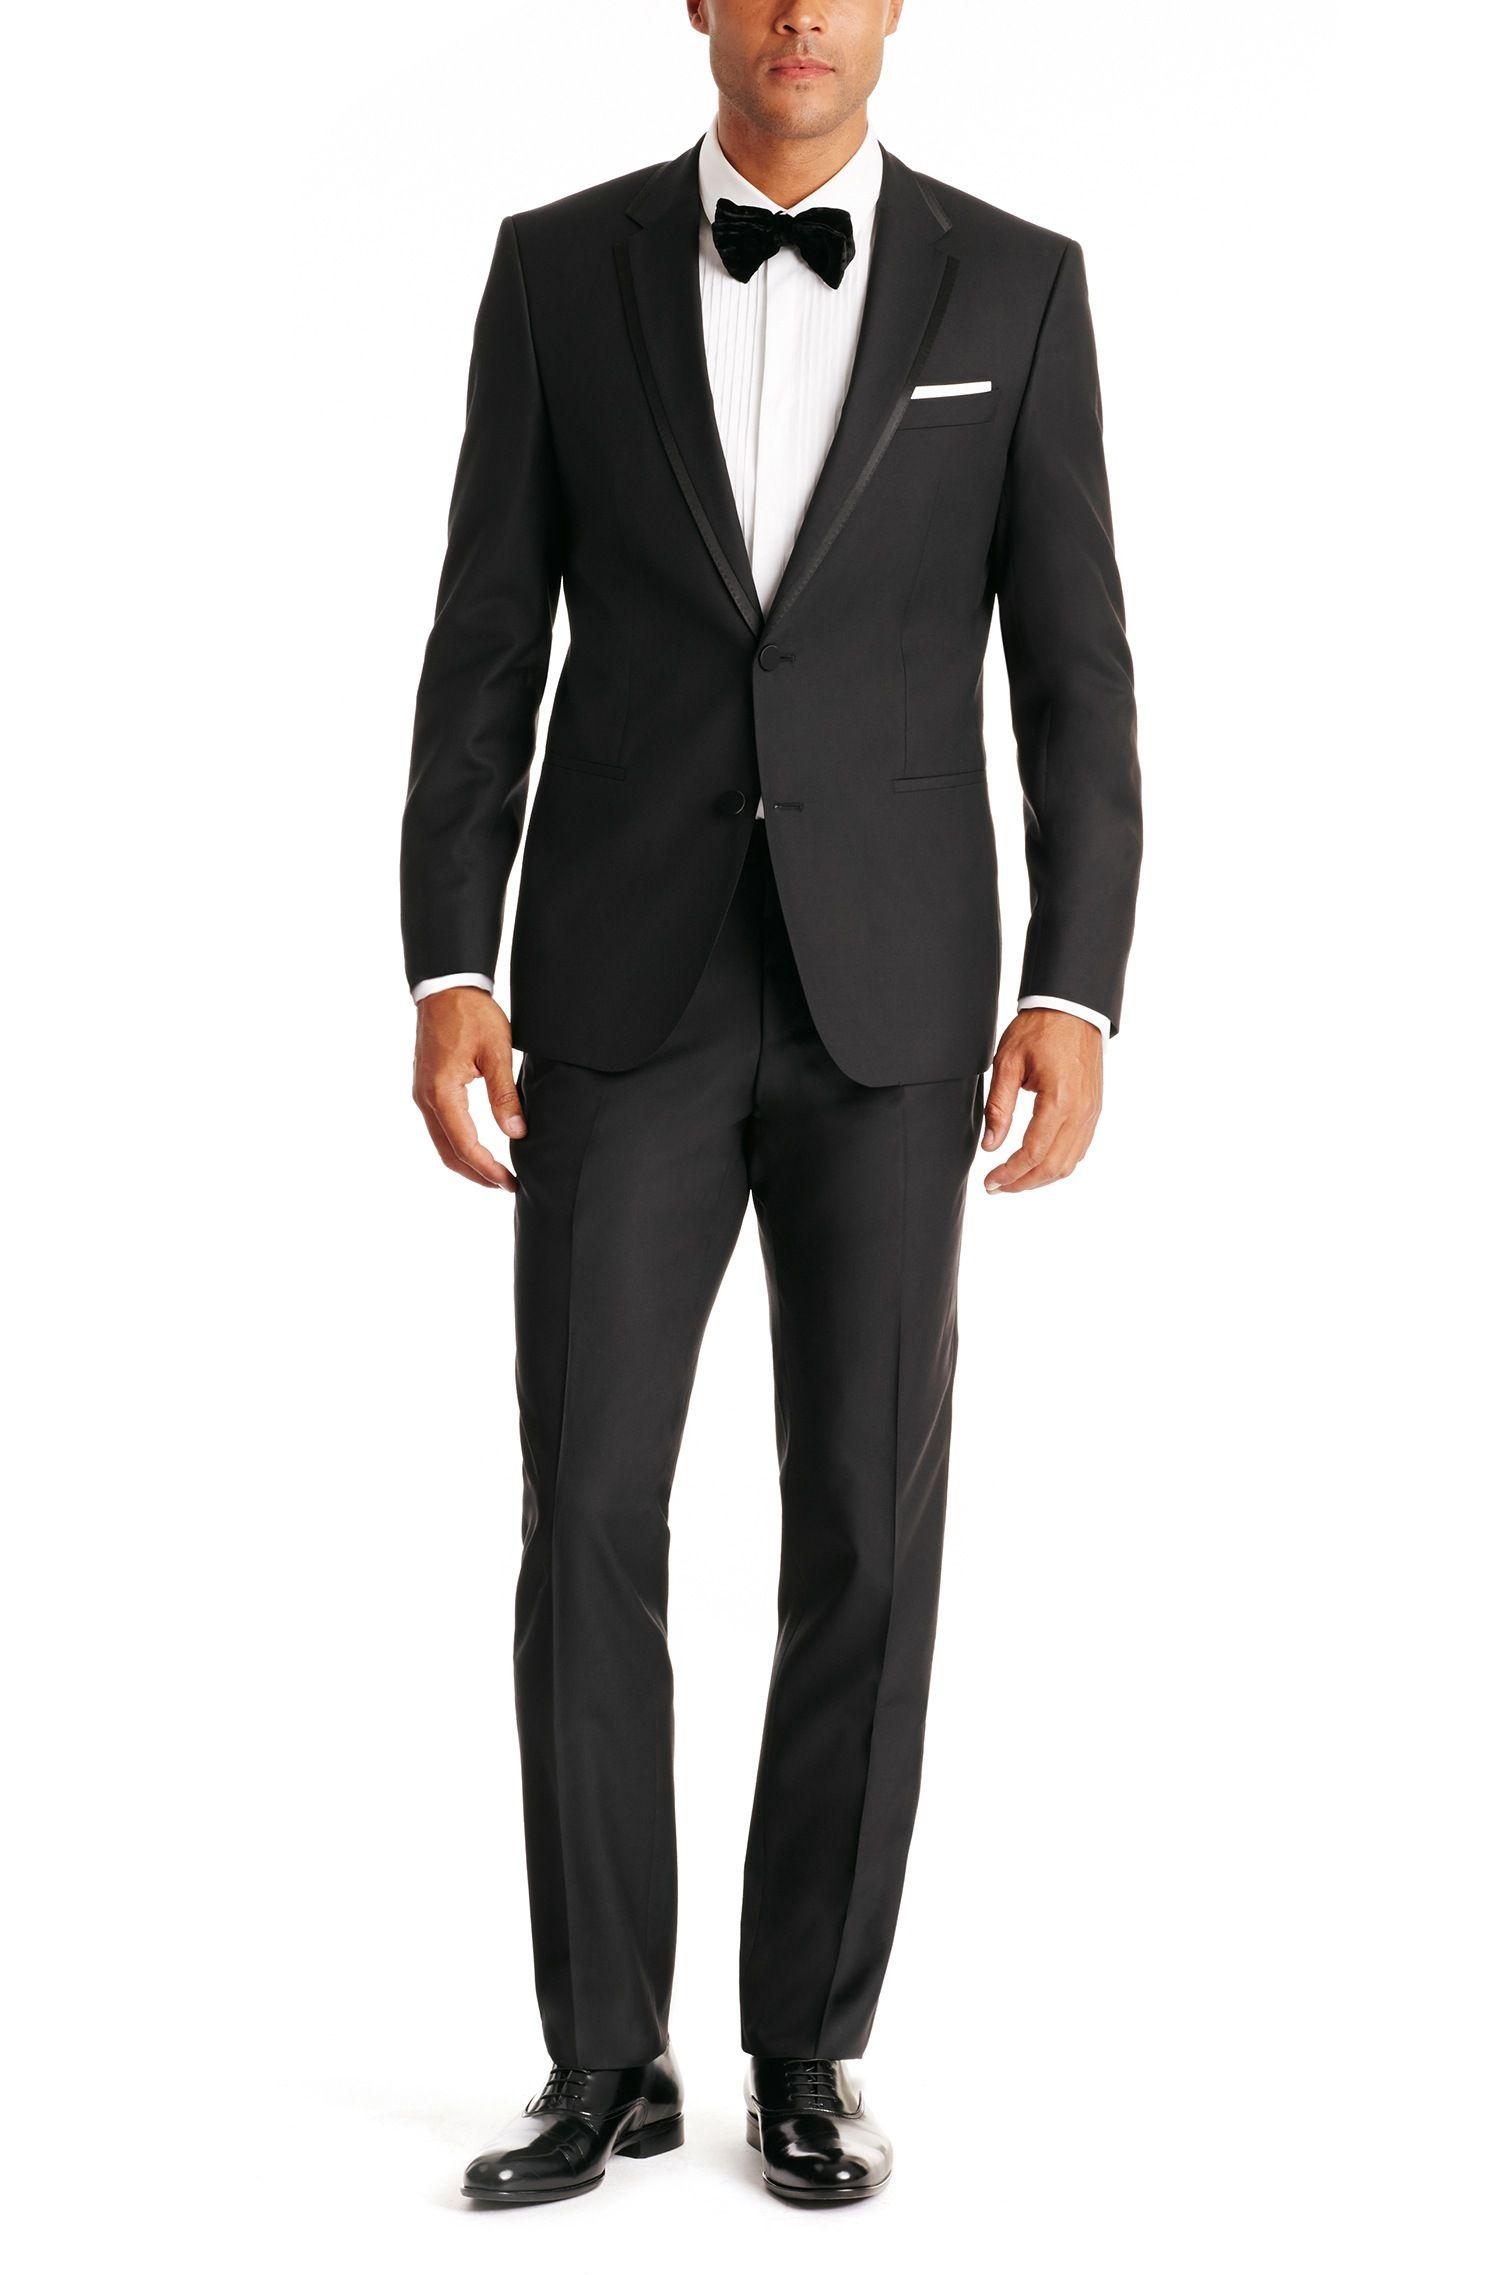 BOSS 'Herold/Gino' Slim Fit, Silk and Virgin Wool Tuxedo